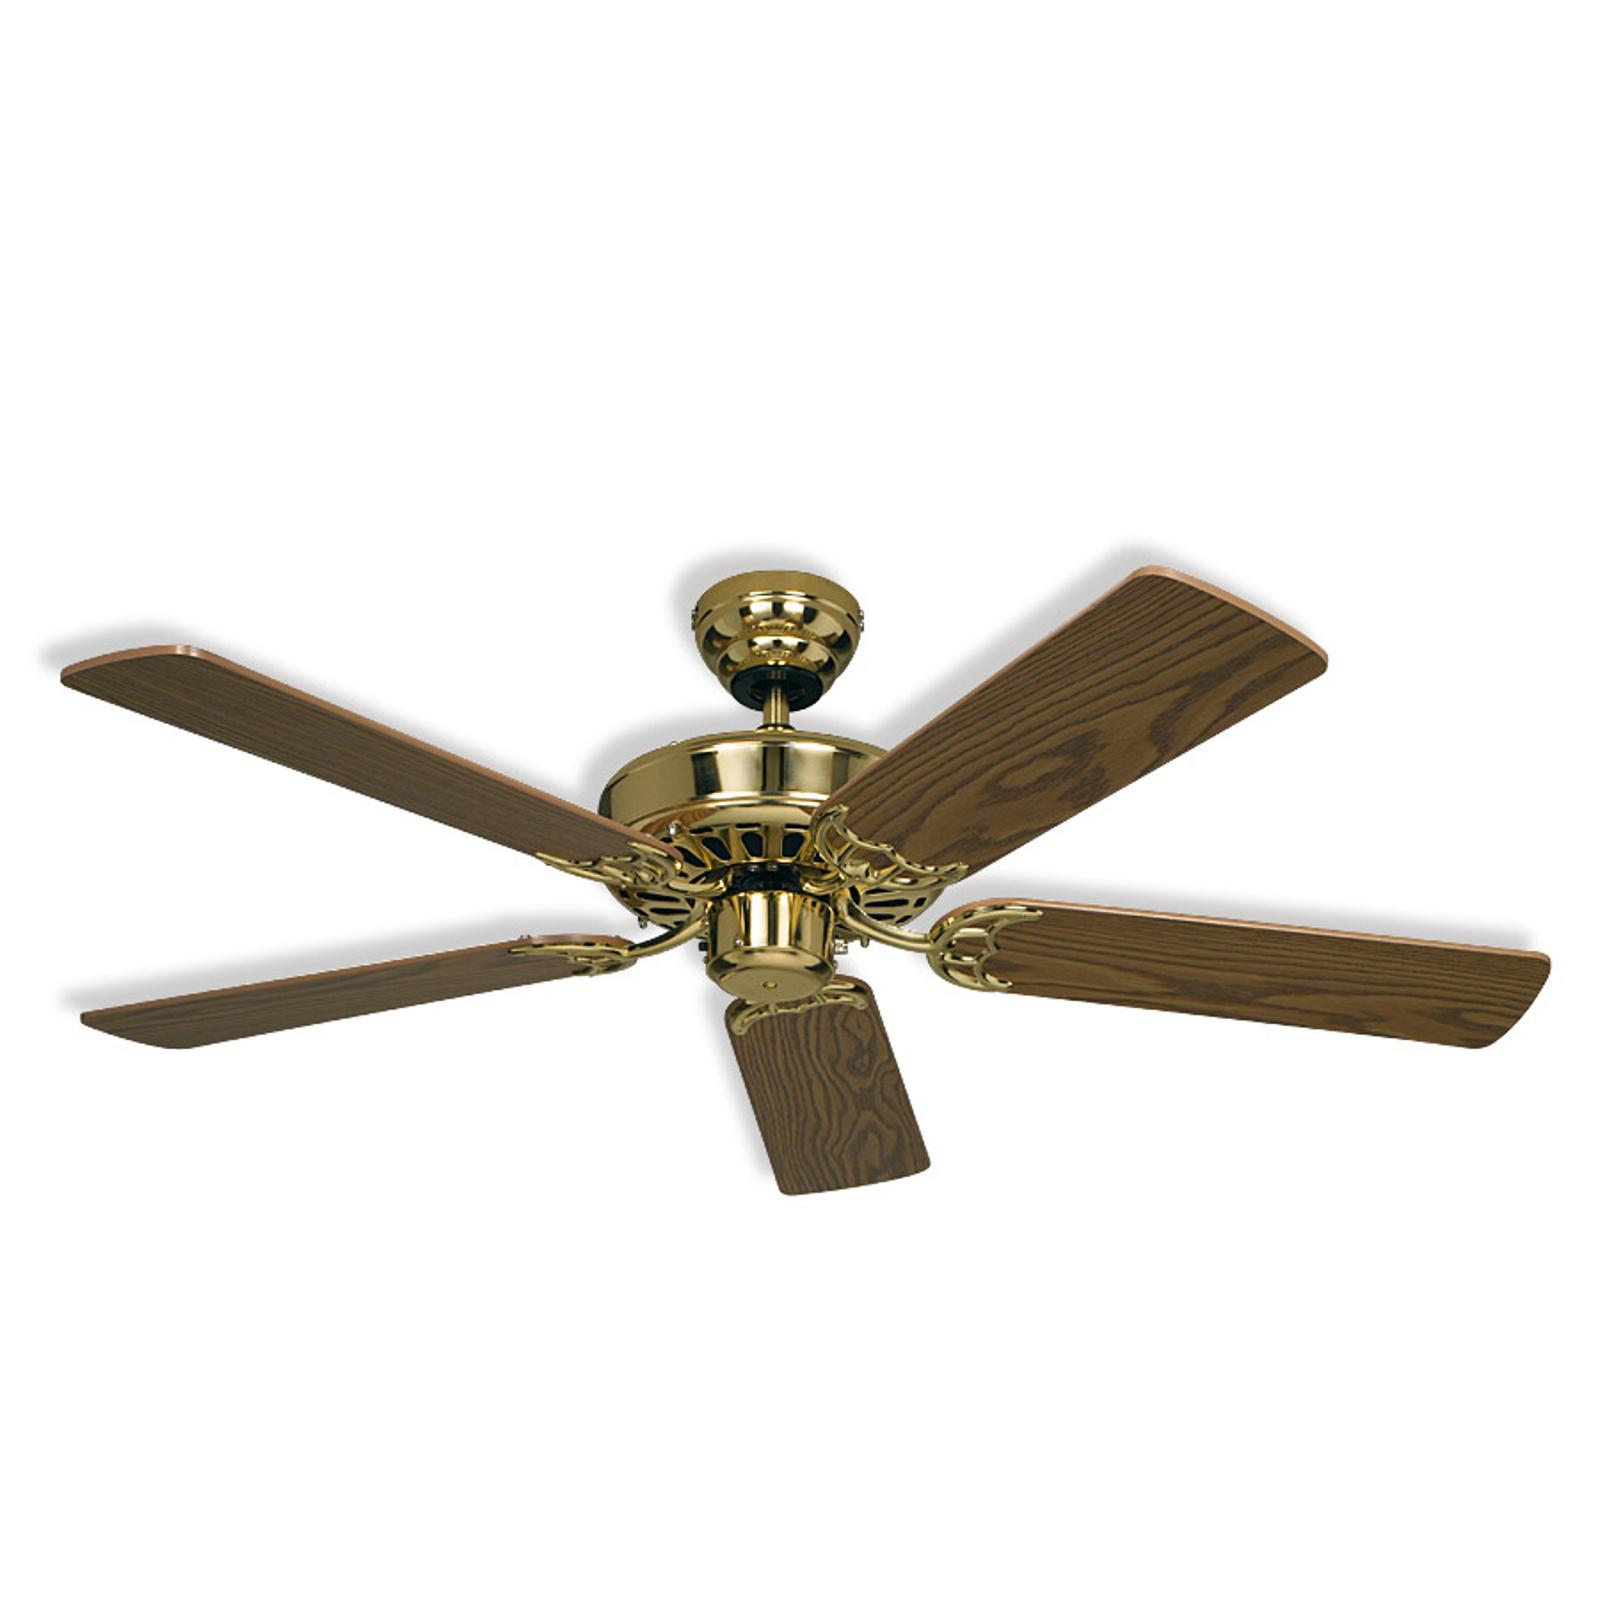 Ceiling fan Royal 103, brass, antique oak_2015053_1